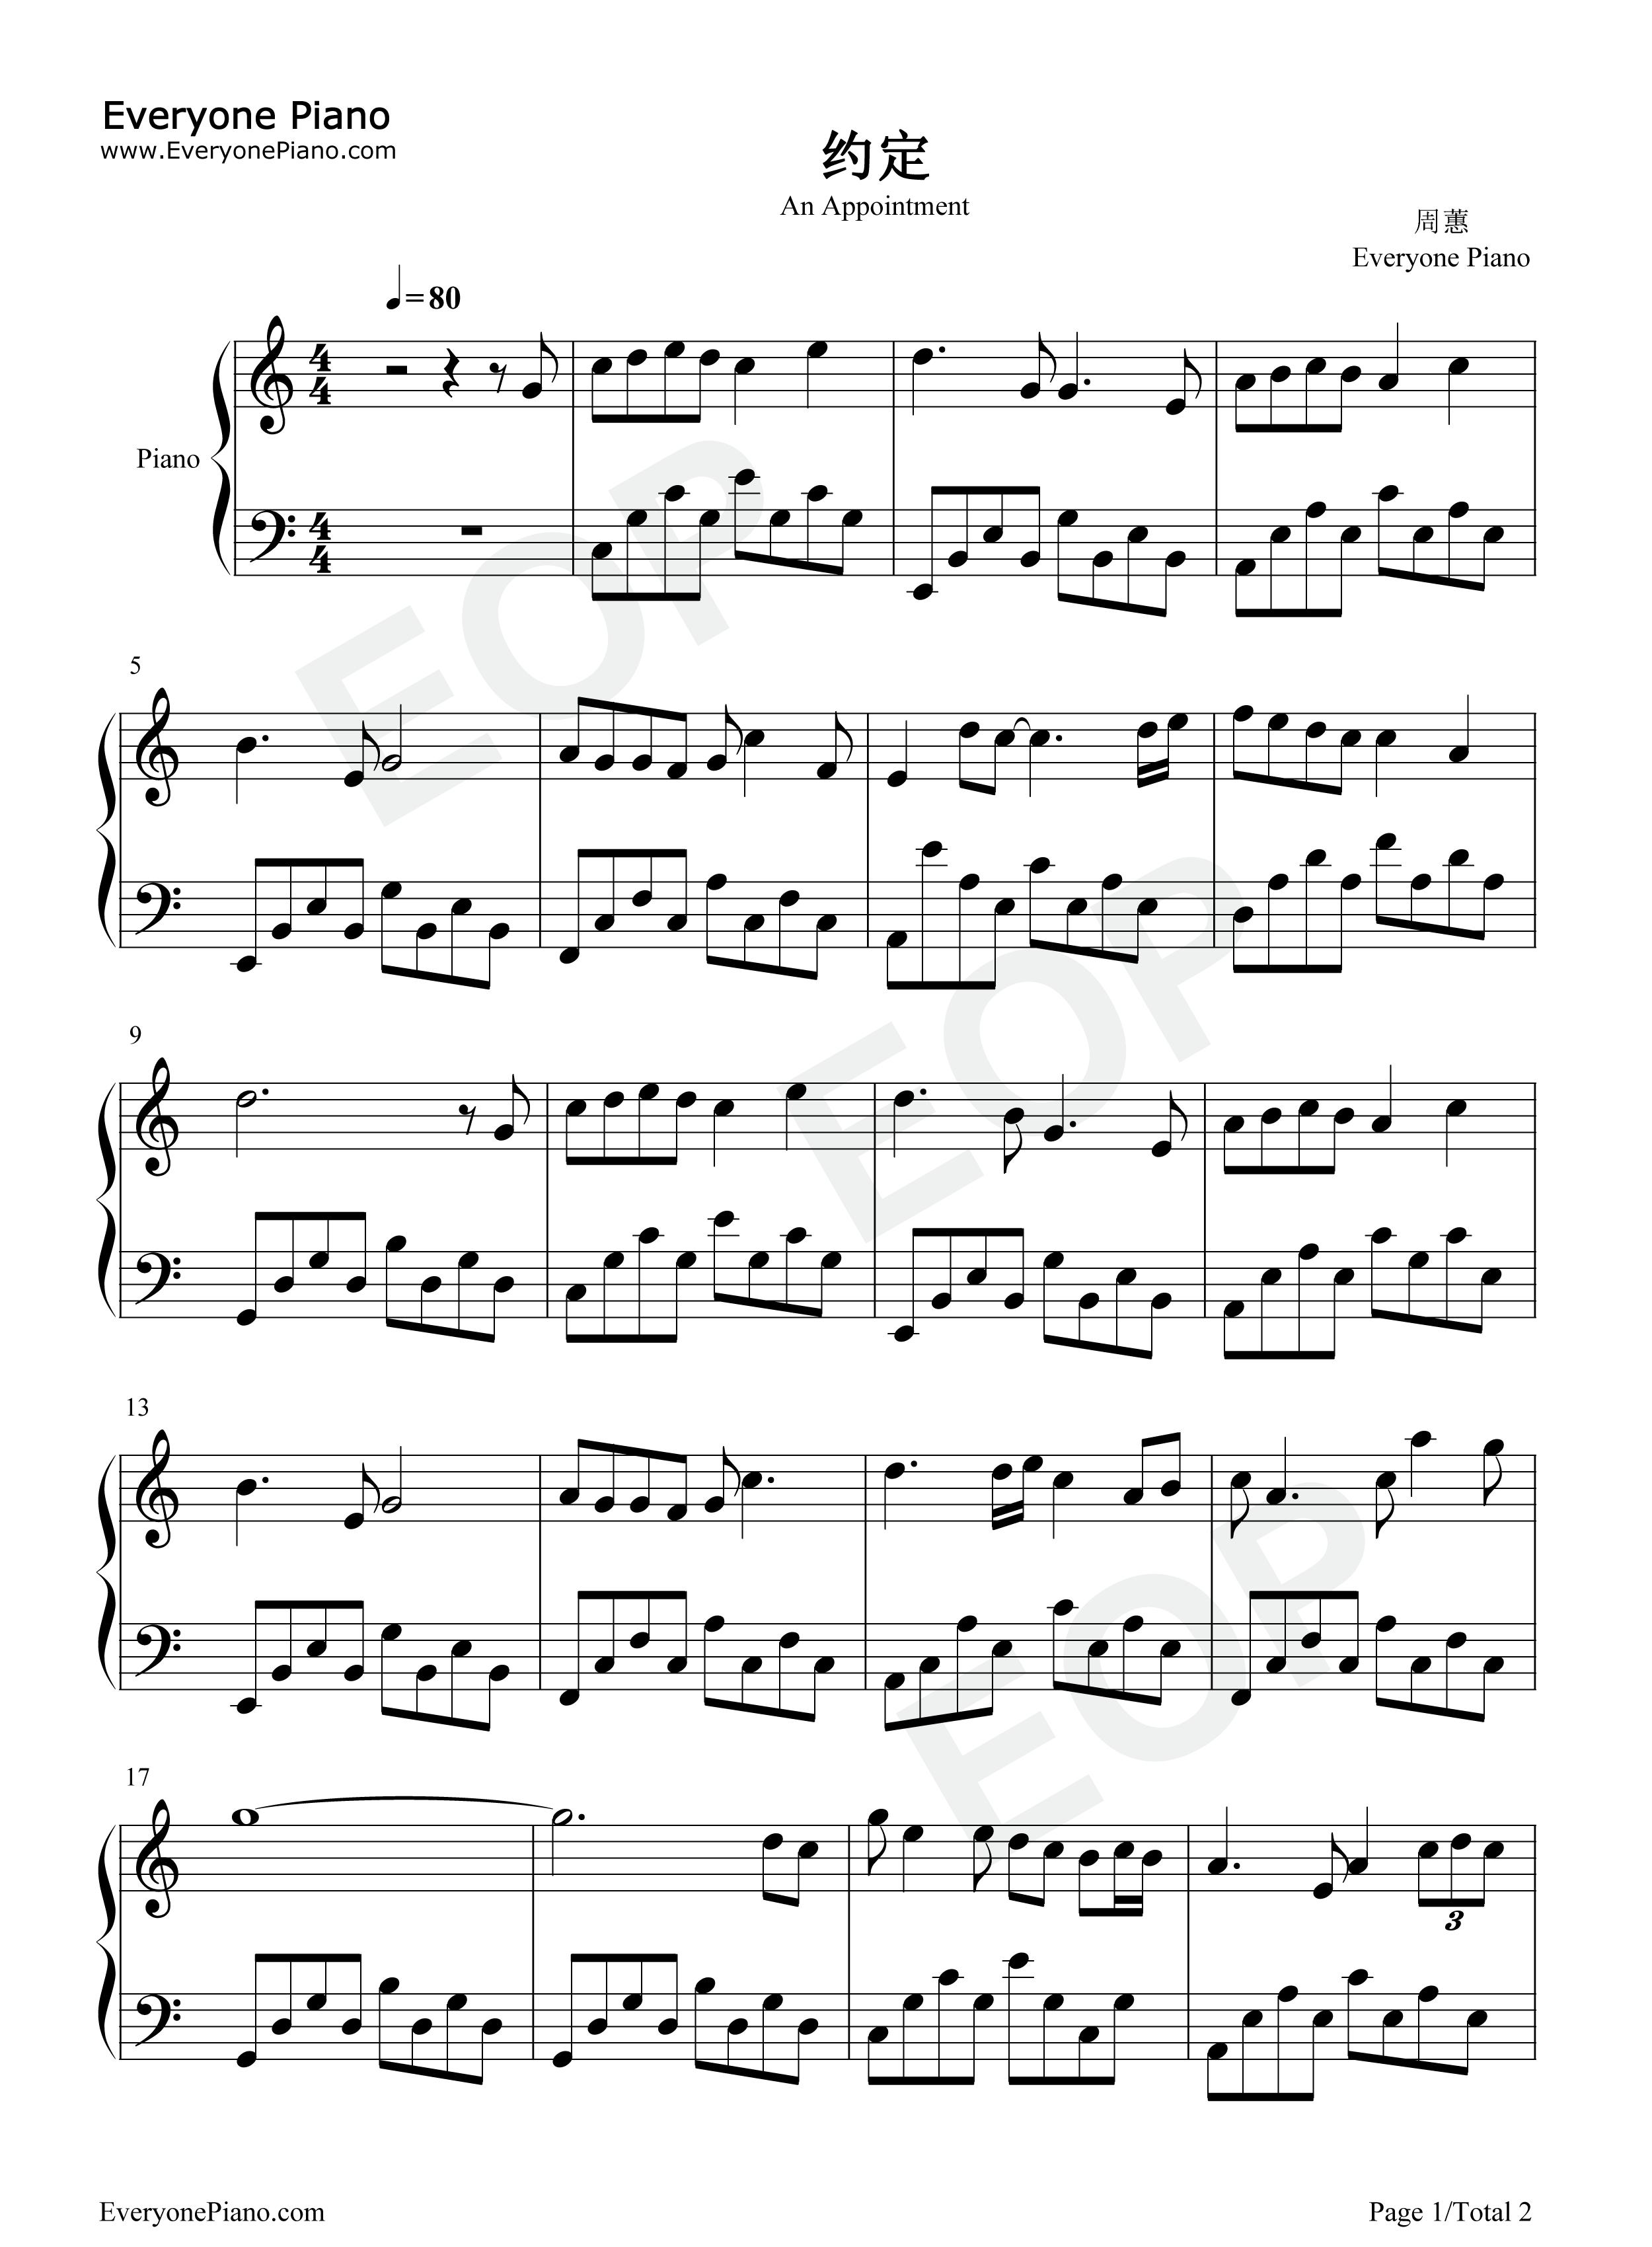 钢琴曲谱 流行 约定 约定五线谱预览1  }  仅供学习交流使用!